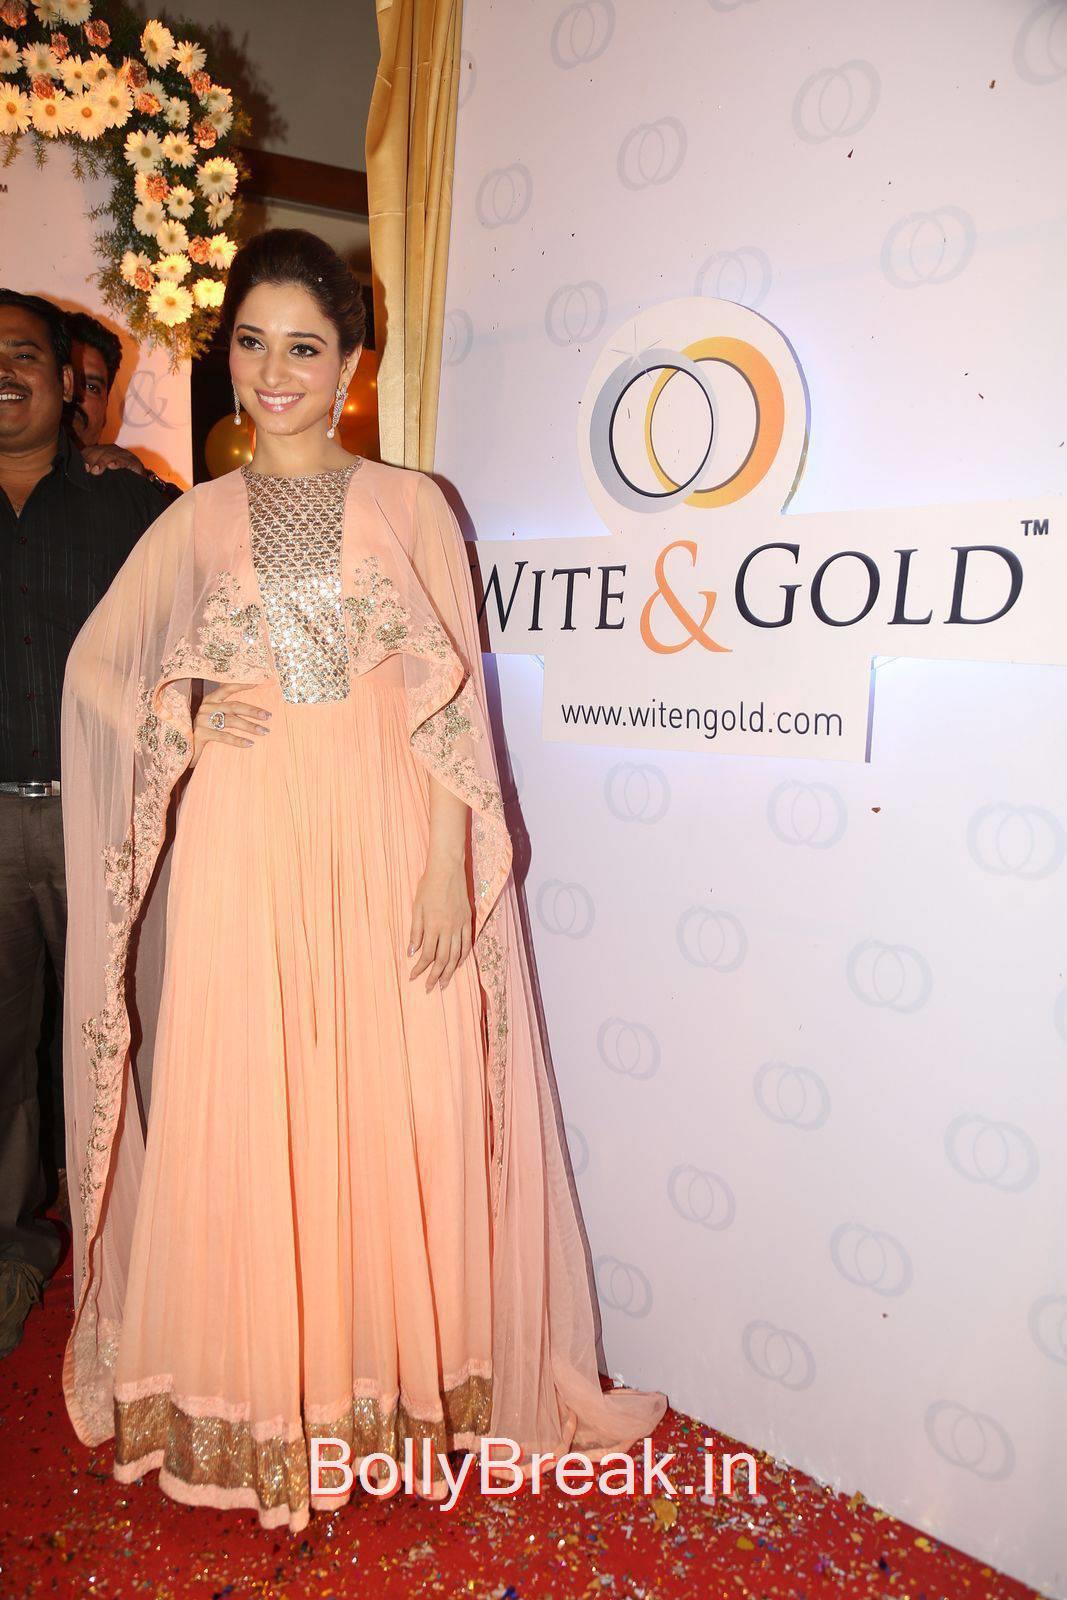 Telugu Actress Tamanna, Tamanna Bhatia Whitegold.Com Venture launch Pics